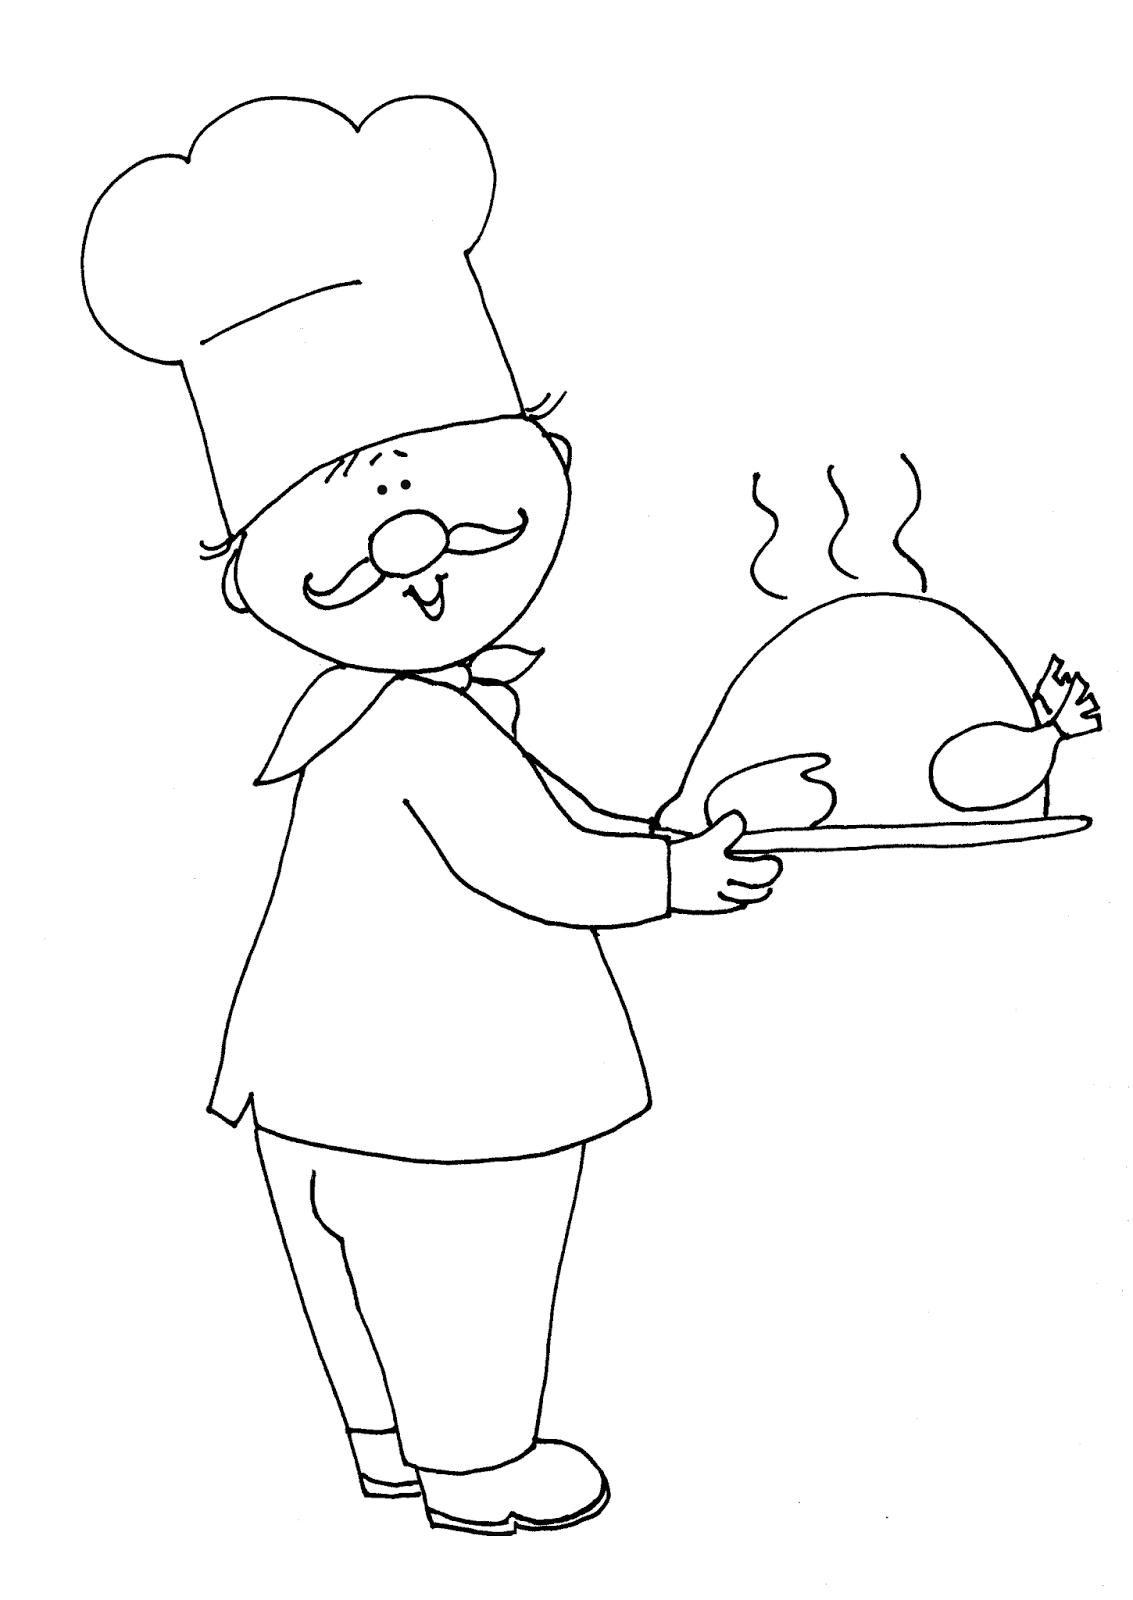 Картинка повара для детей распечатать